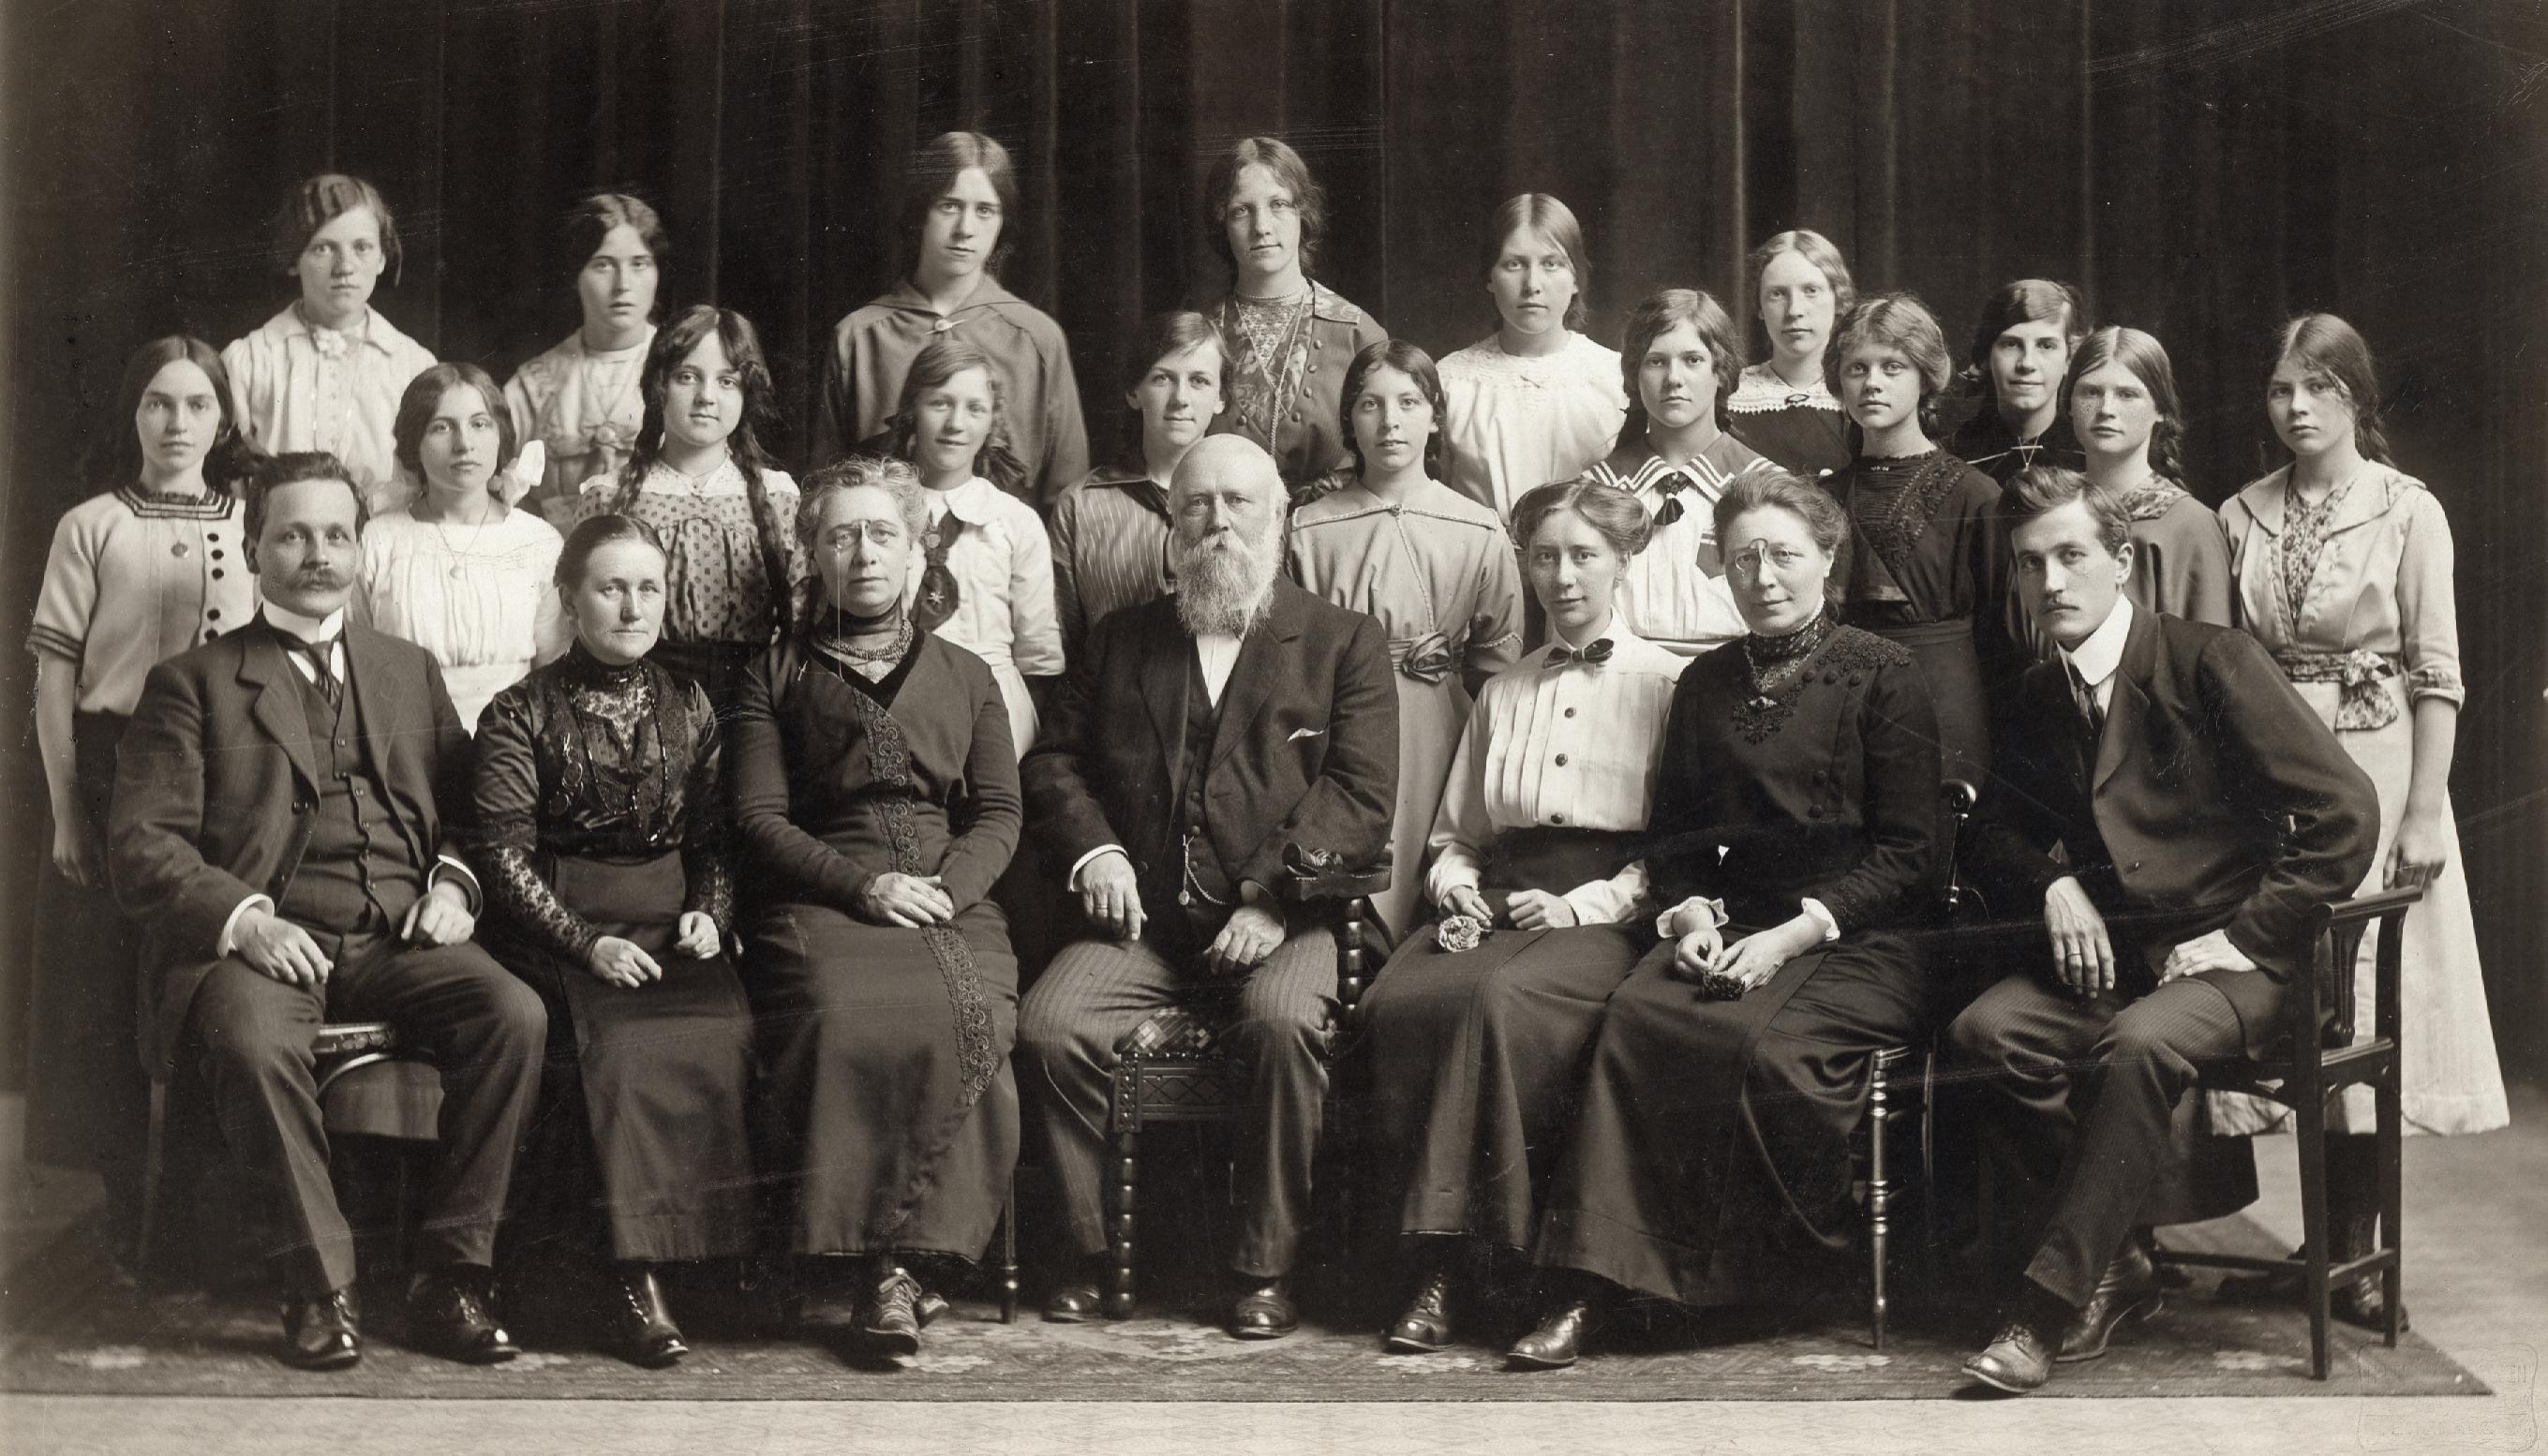 File:Bispehaugen skole - Avgangsklasse for jenter (ca. 1914 - 1919) (